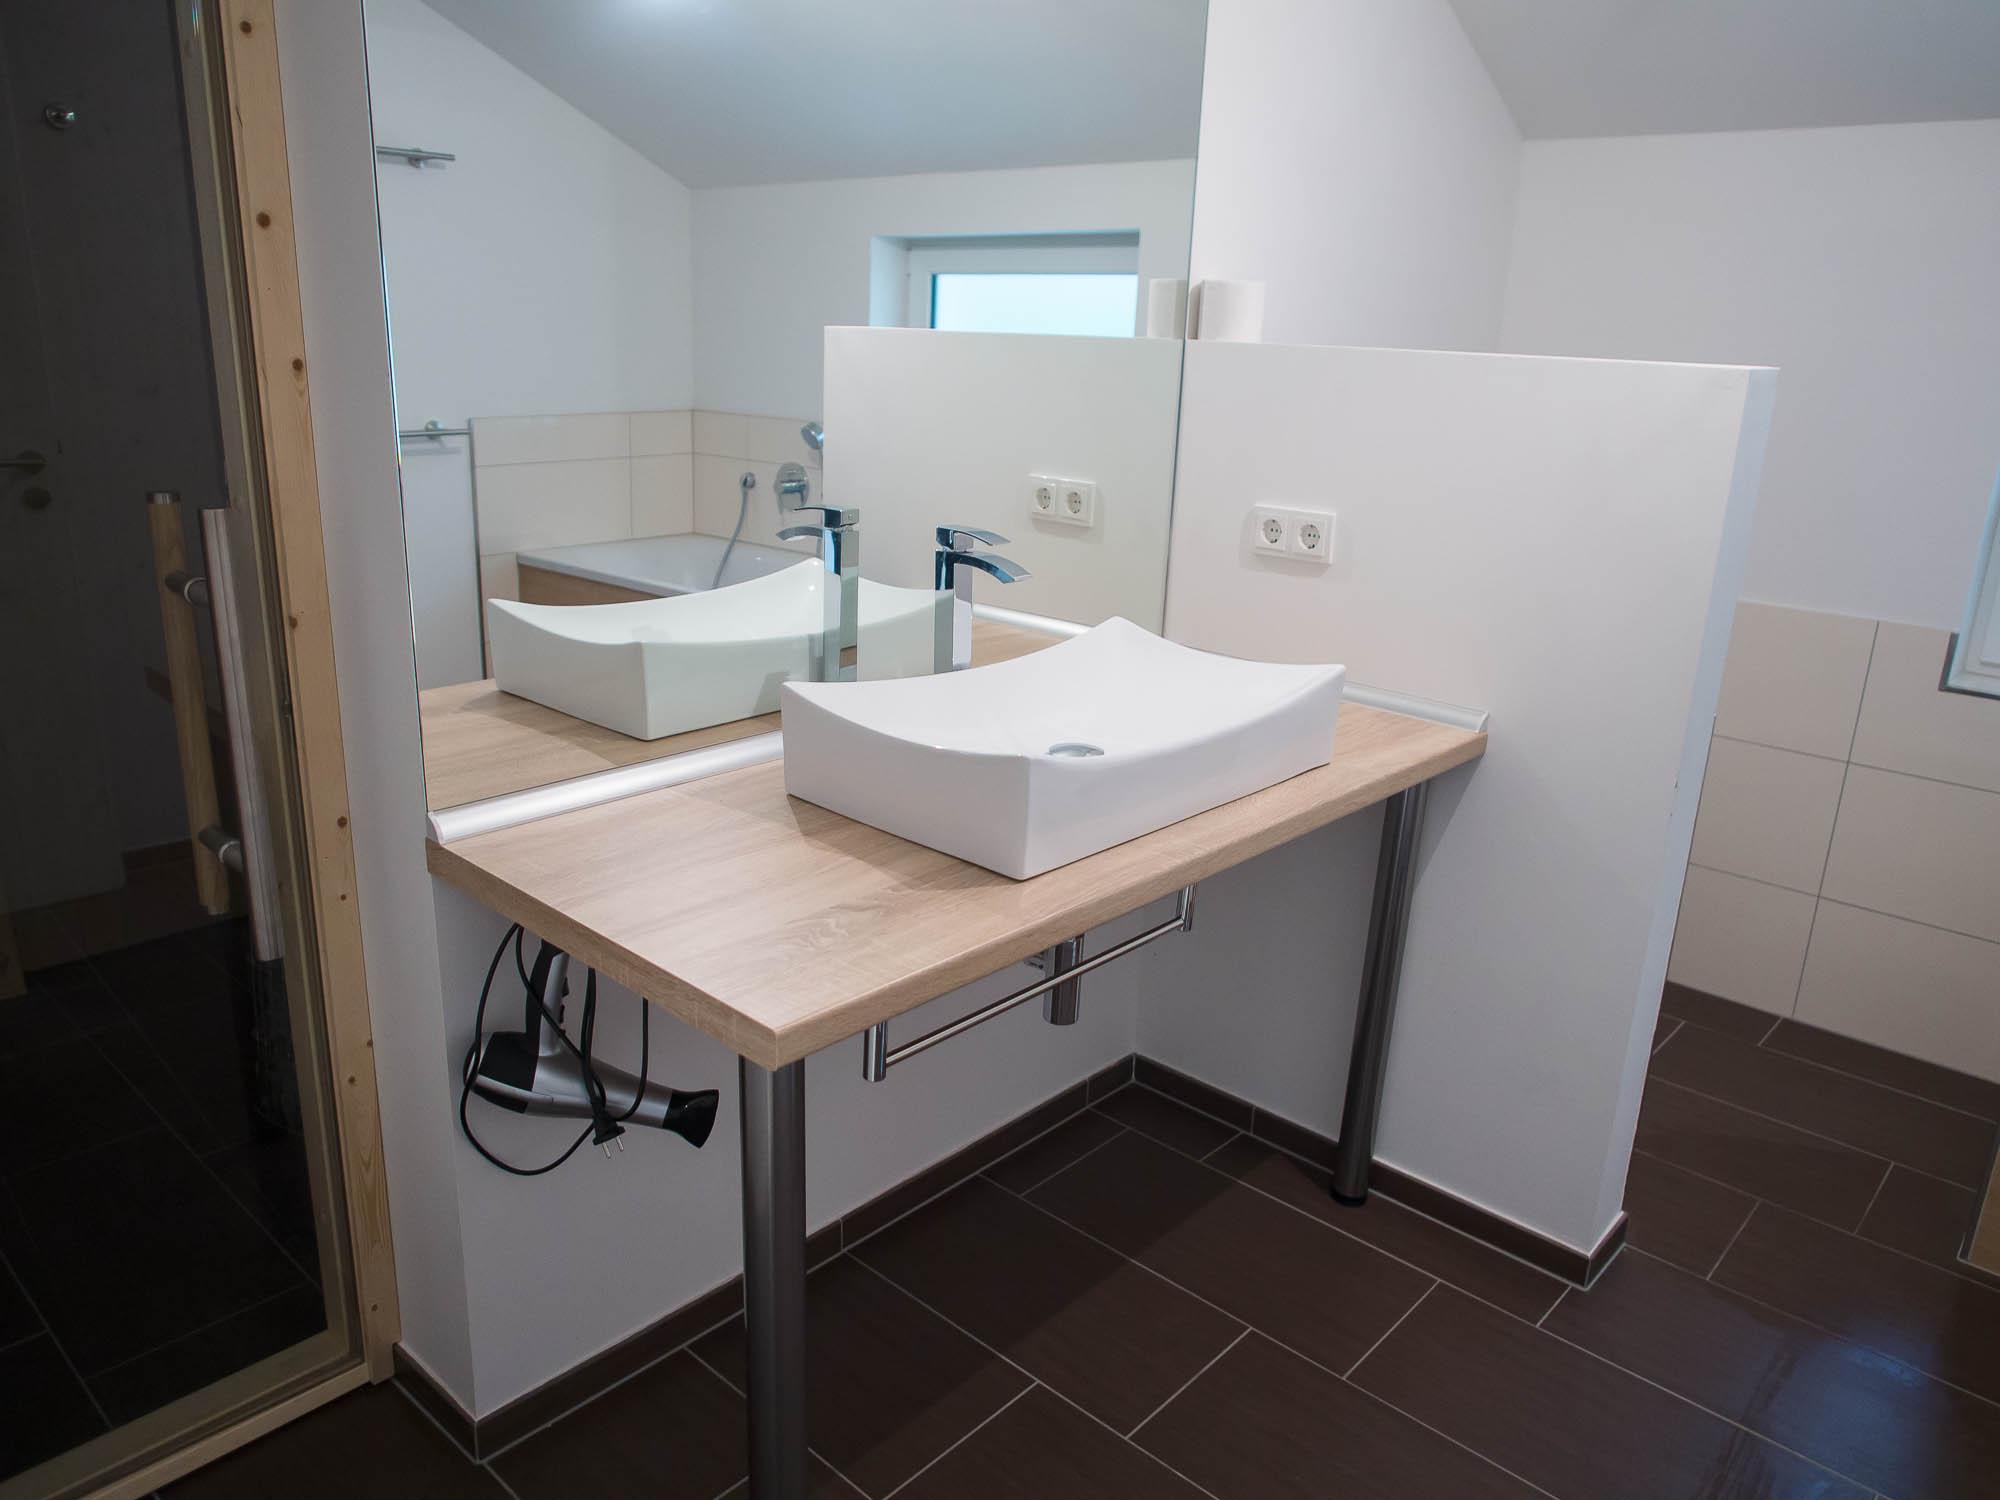 Badezimmer ausstattung  Ausstattung |